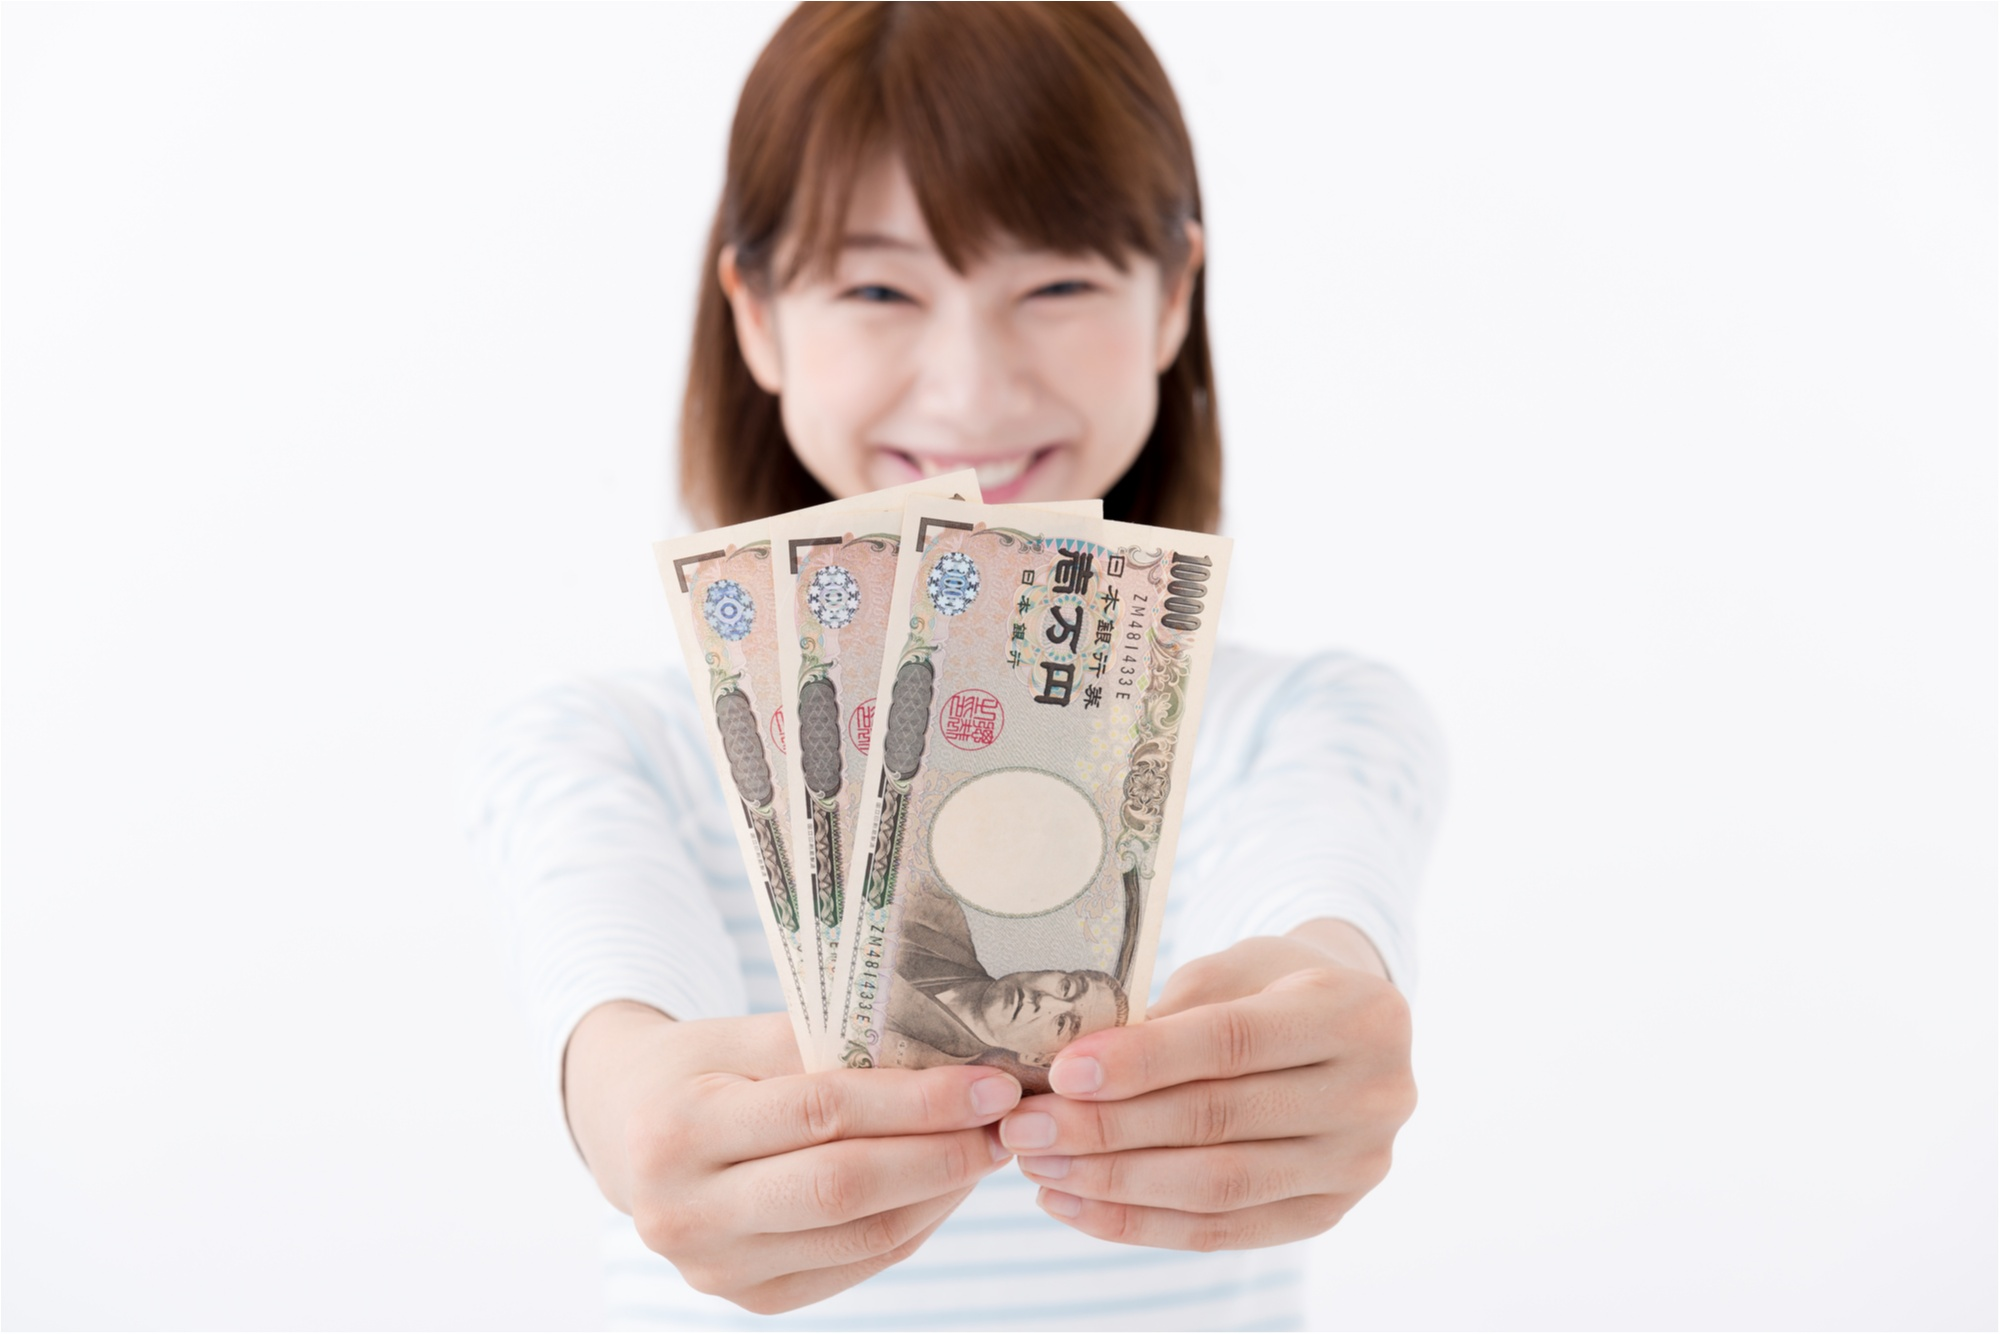 20代後半の年収事情 - 現在の年収は? 結婚や老後のための貯蓄はどれくらい必要?_23